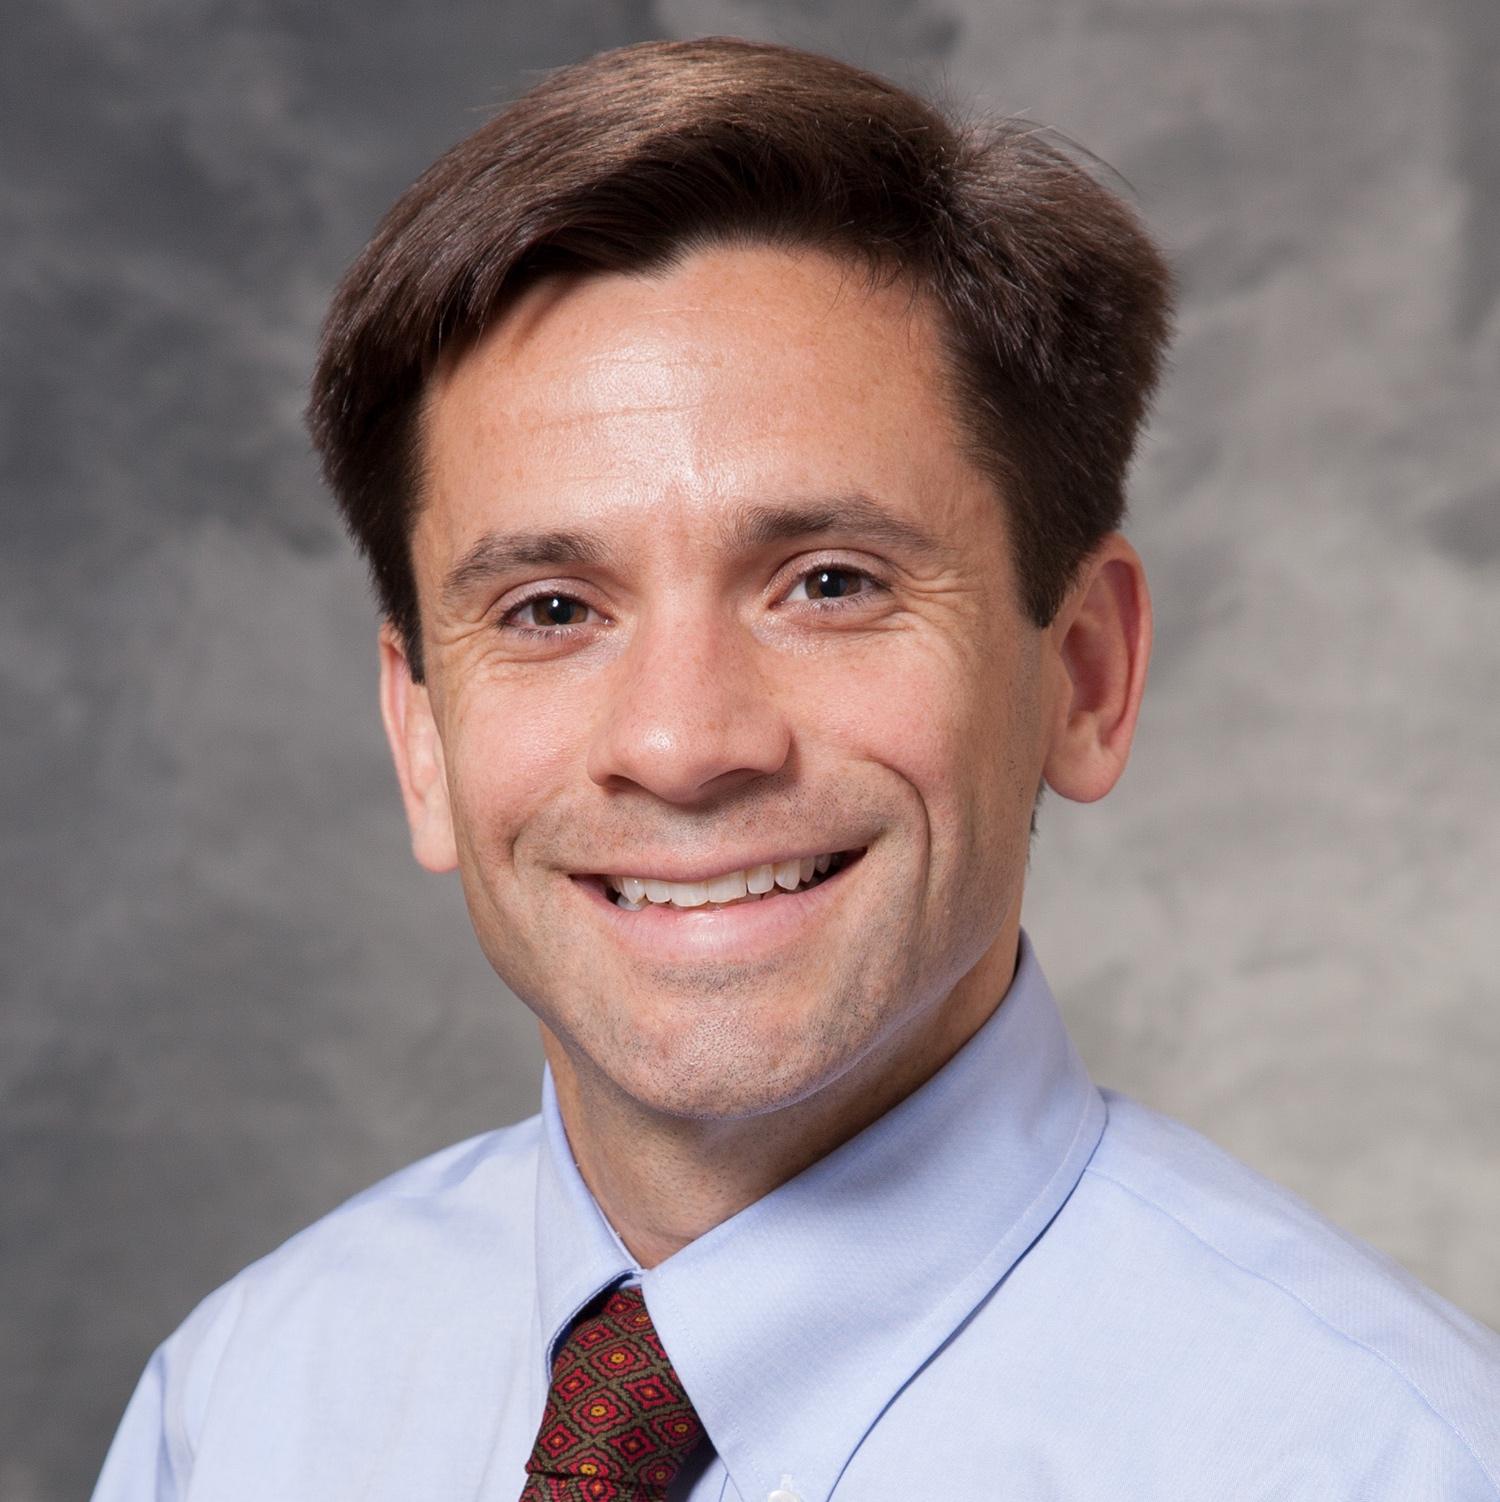 Todd Kammerzelt